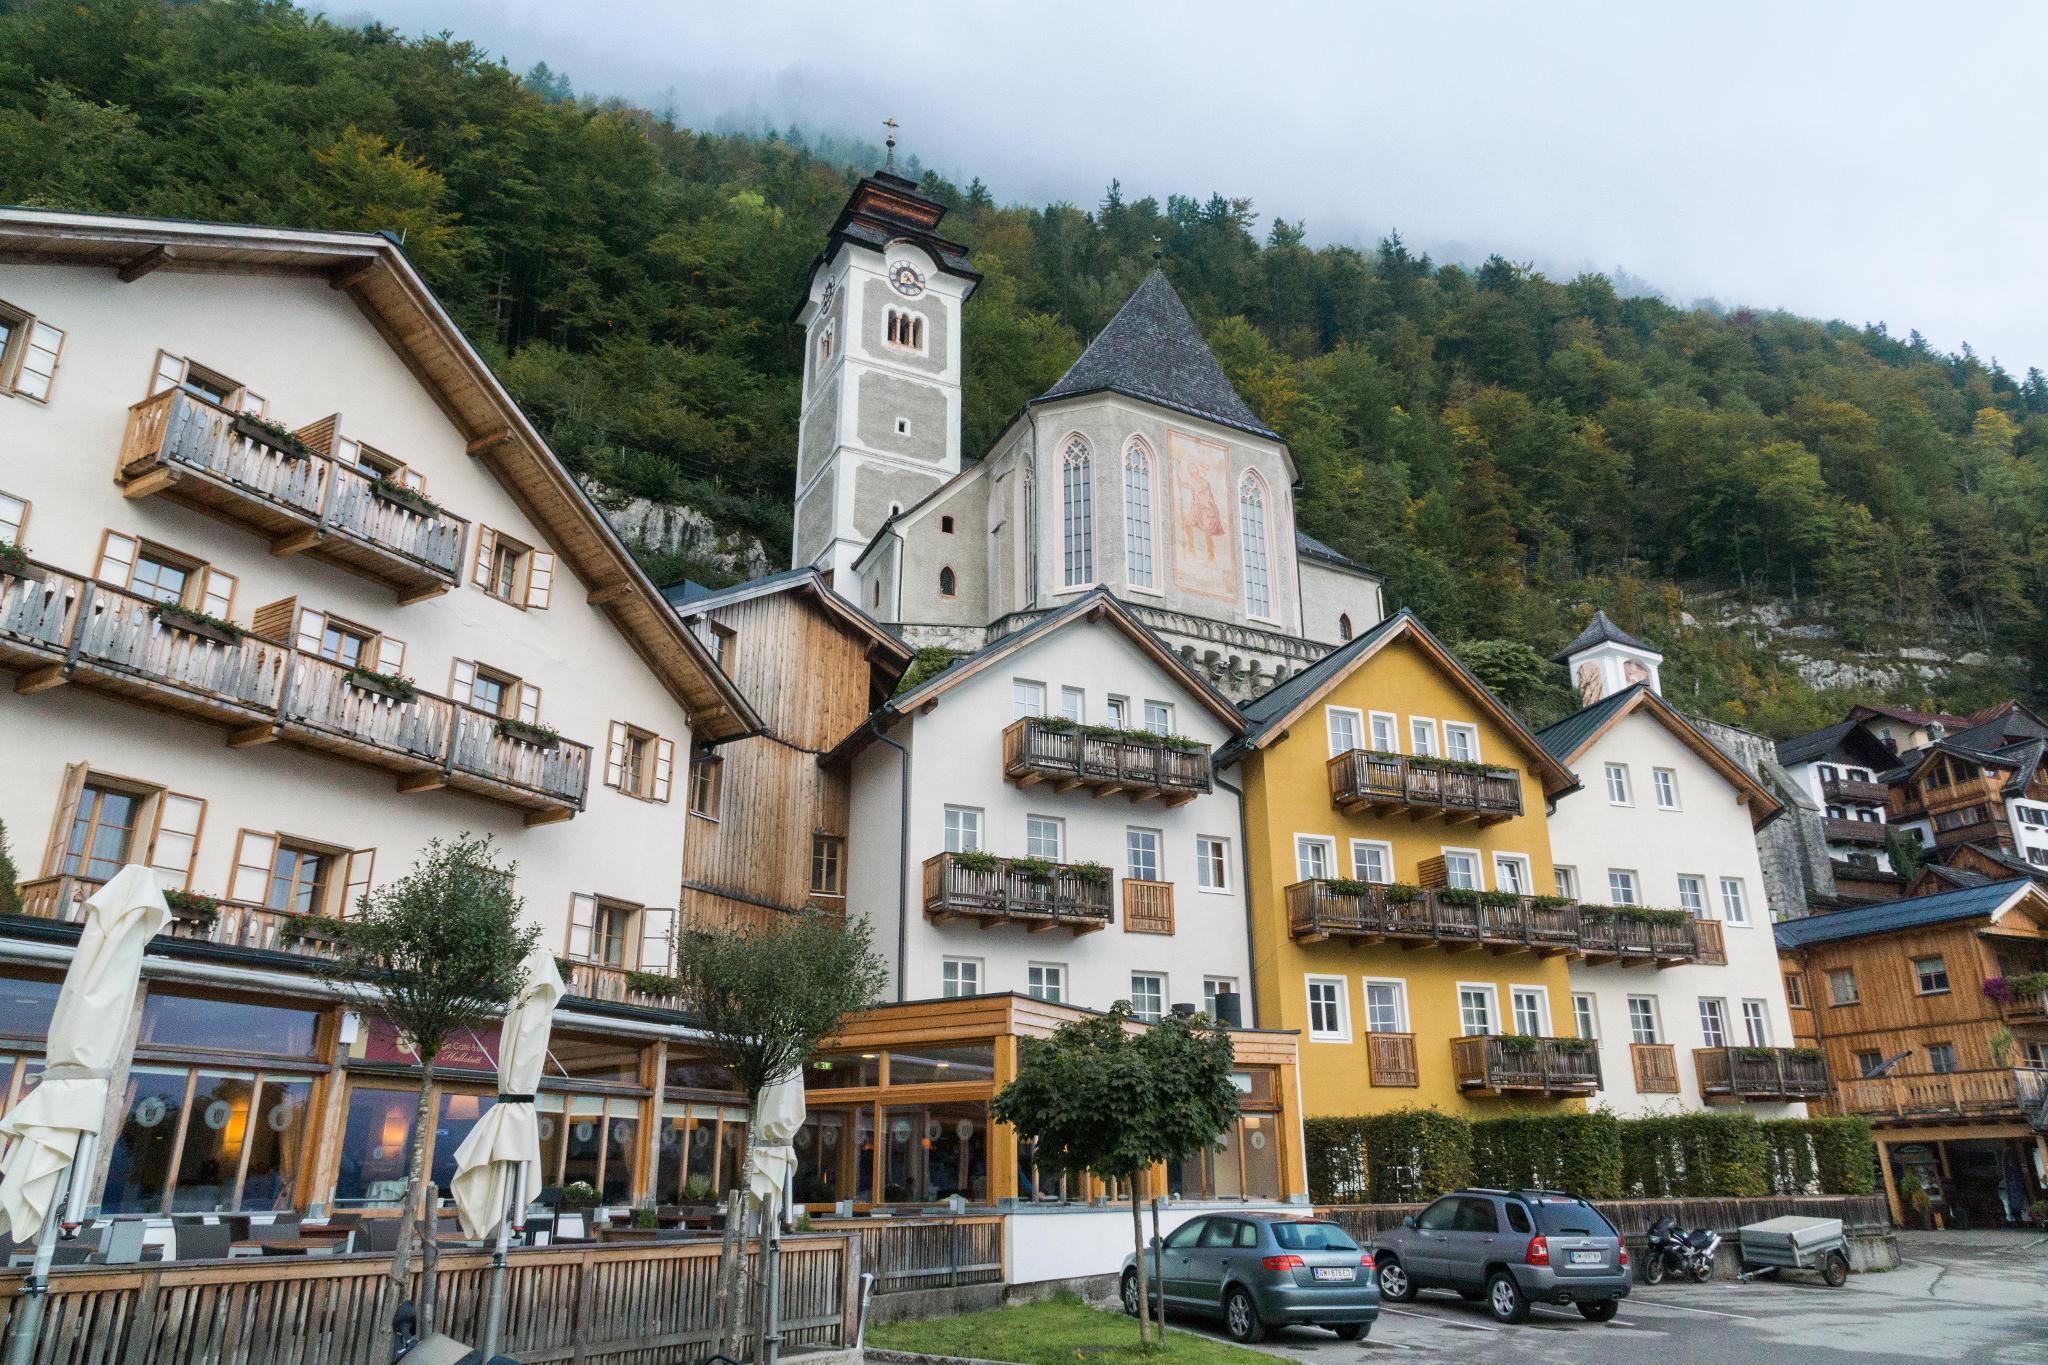 【奧地利】童話仙境 Hallstatt 哈修塔特 — 追逐世界遺產小鎮的夢幻黃金日出 11